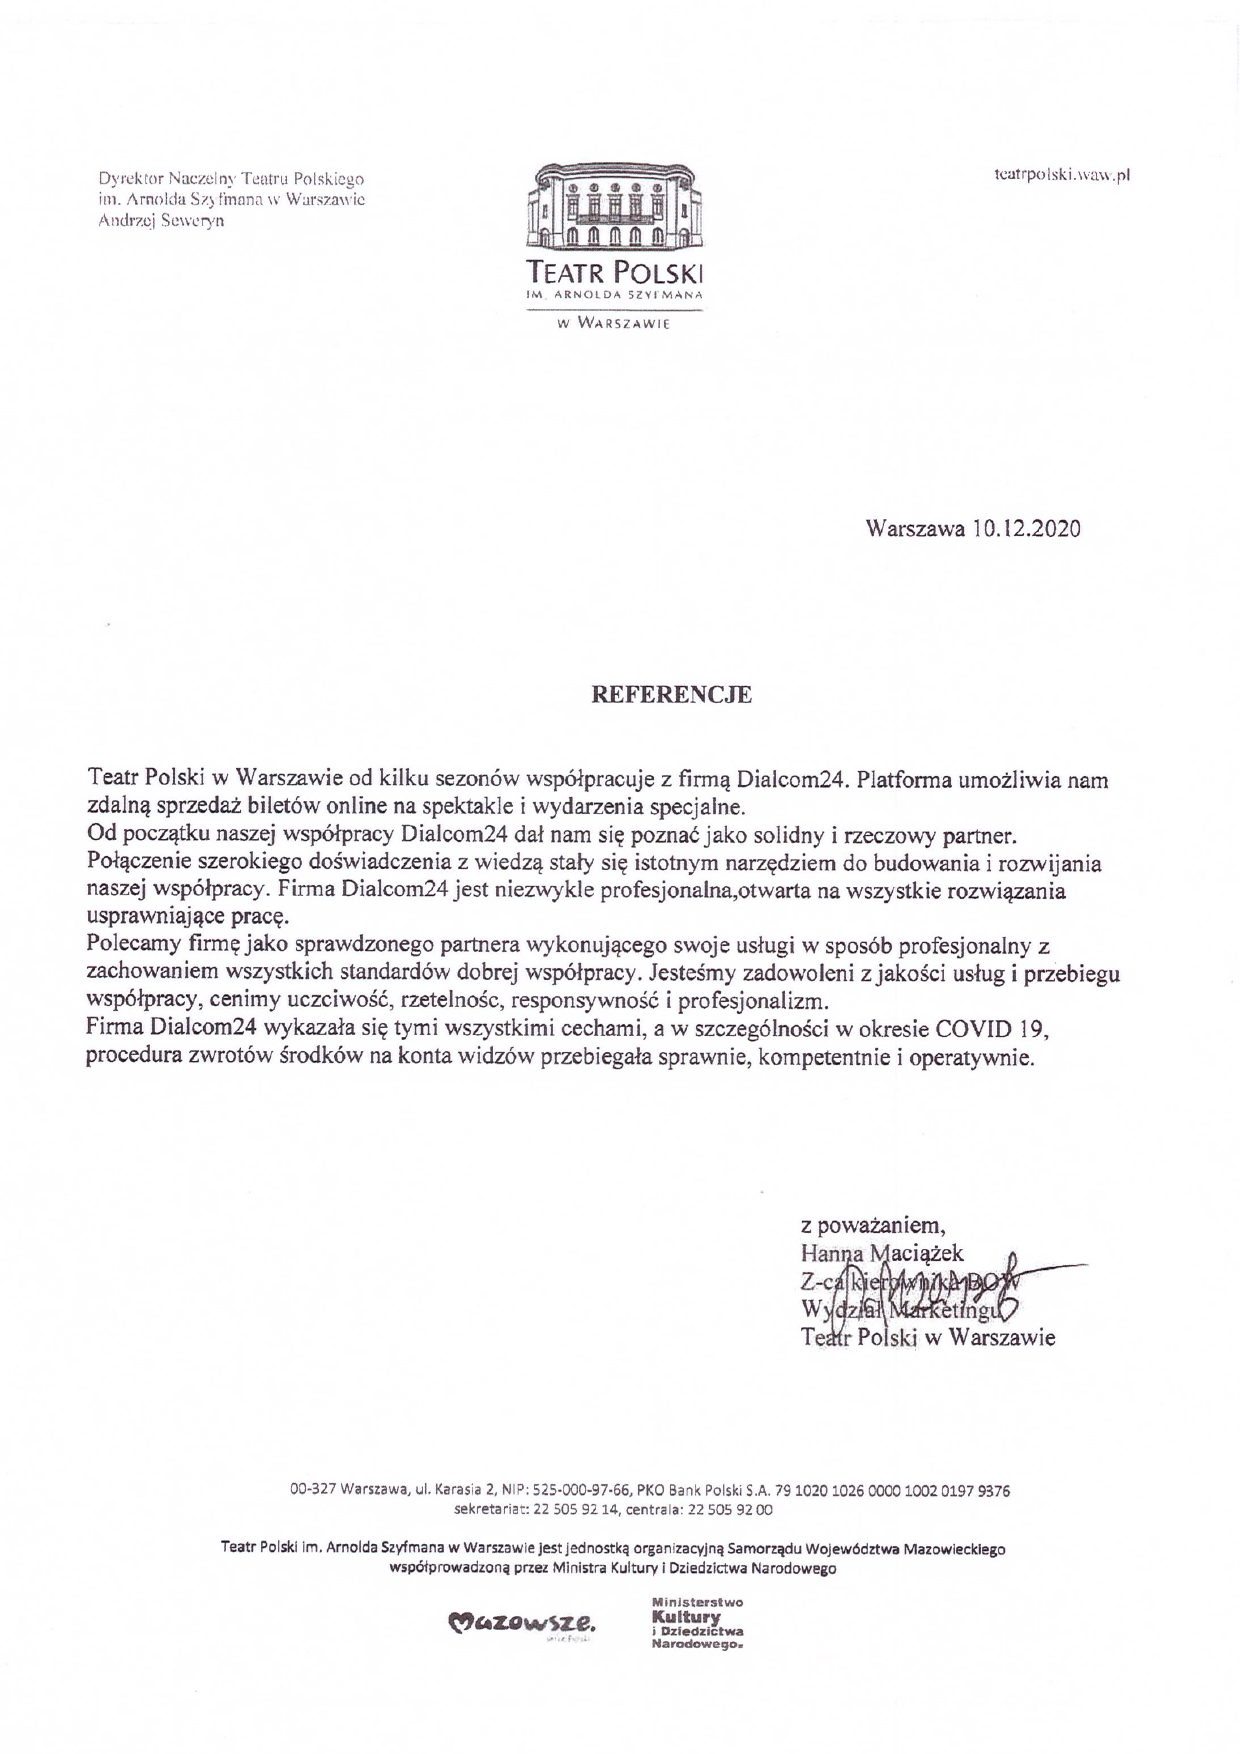 System biletowy Bilety24 - referencje od Teatr Polski